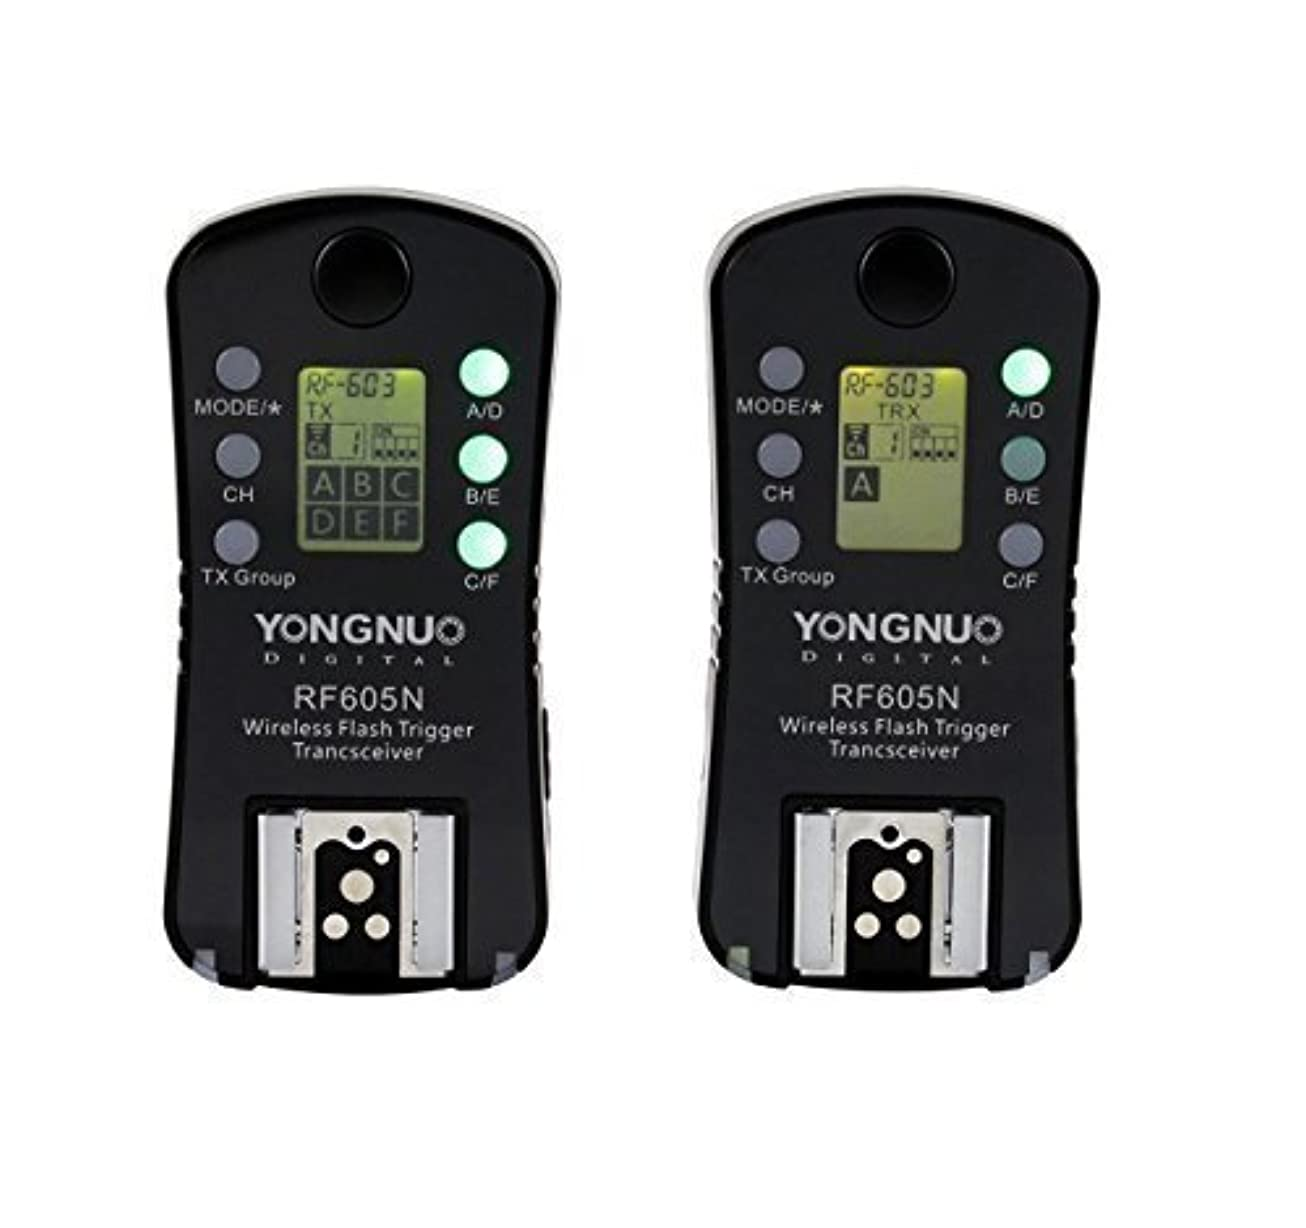 アイデア頭痛批判的Yongnuo rf605 Nワイヤレスフラッシュトリガー&シャッターリリース16チャンネルfor Nikonカメラ